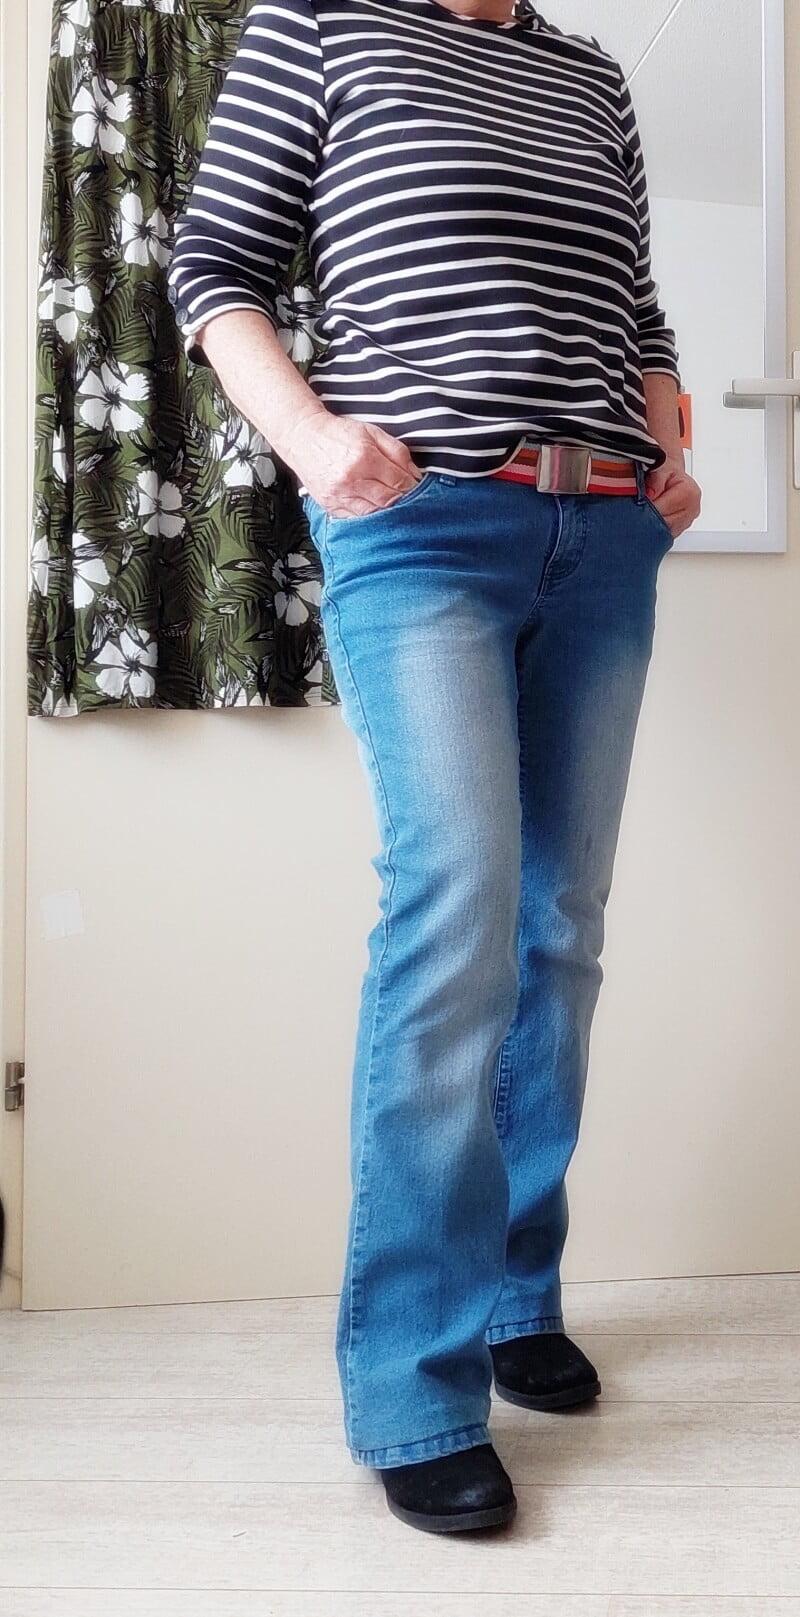 KeeK op de WeeK 18- Kattennet Opgehangen, Triggerpoints, Taart over de Heg & Flared Jeans! 21 kattennet KeeK op de WeeK 18- Kattennet Opgehangen, Triggerpoints, Taart over de Heg & Flared Jeans!